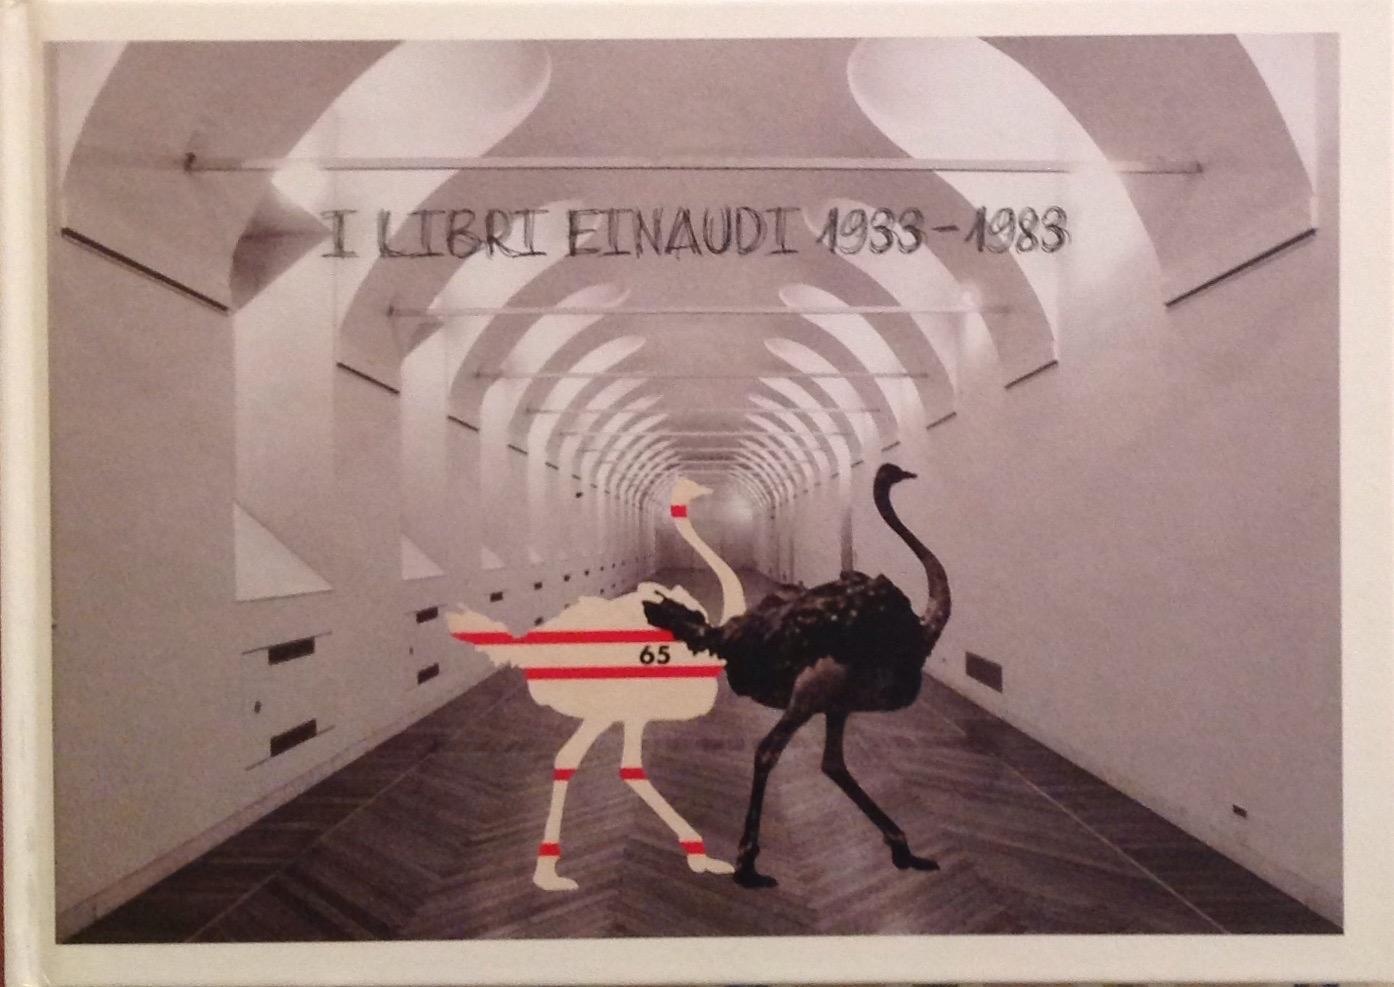 I libri Einaudi 1933-1983